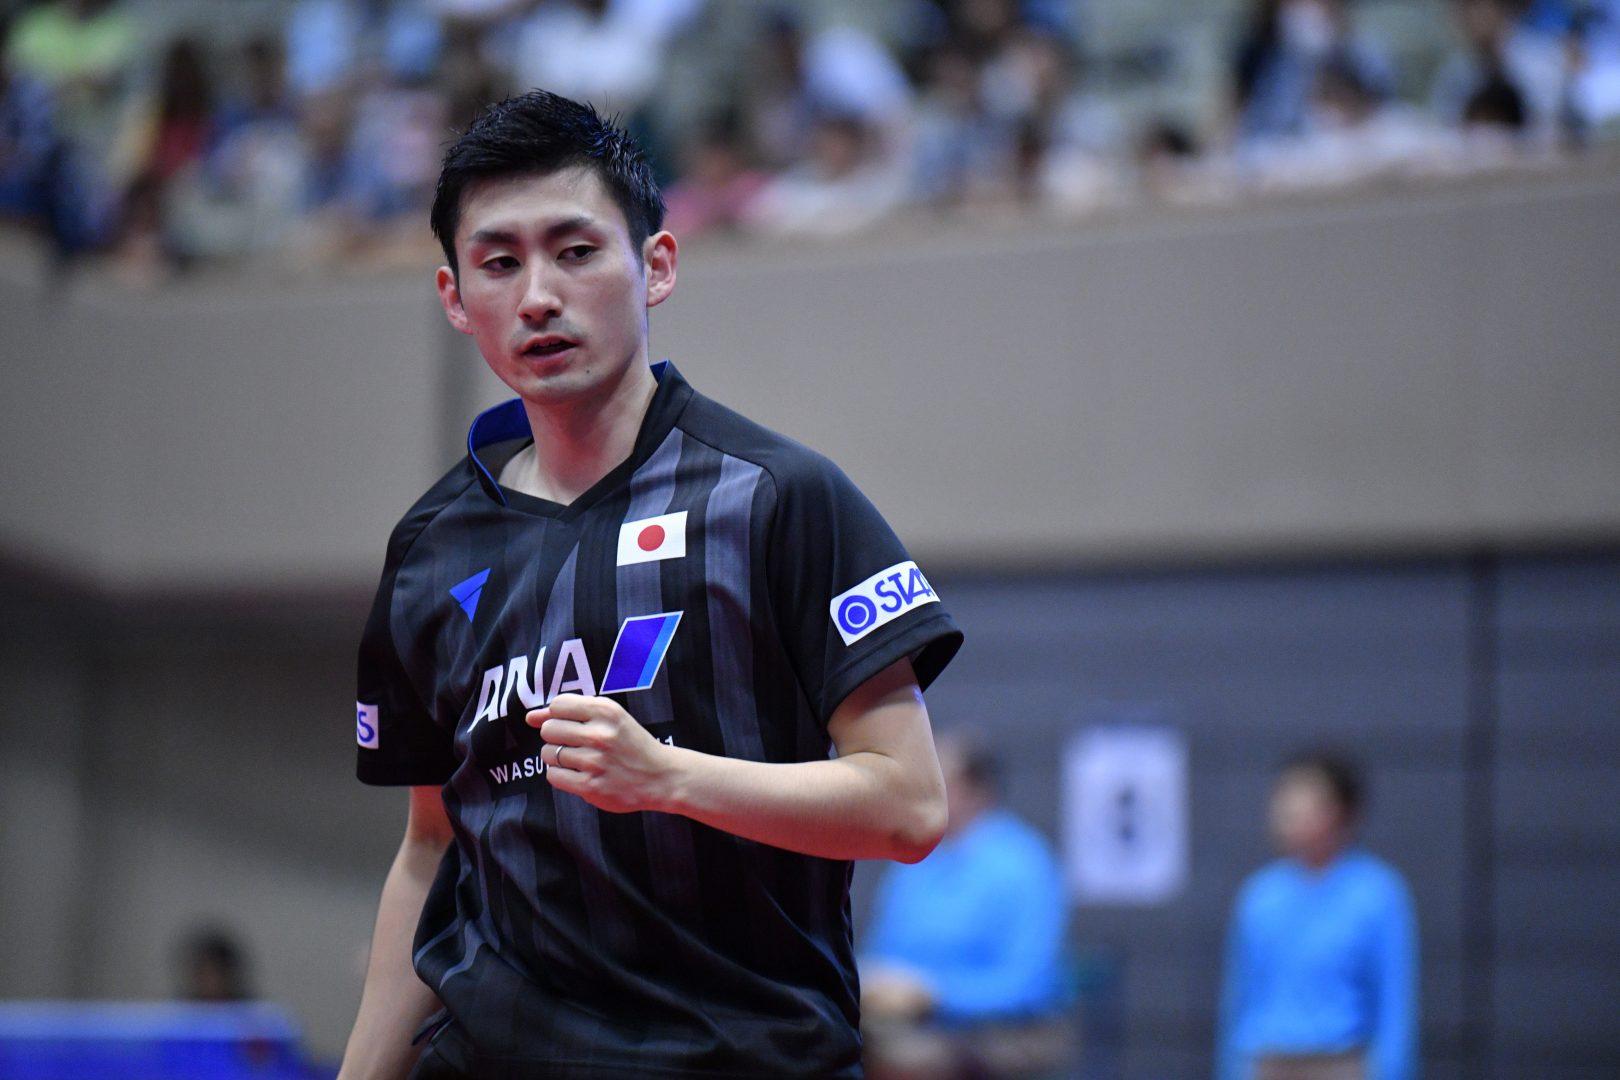 上田、松平が連勝で8強入り<ライオン卓球ジャパンOP荻村杯・男子3日目結果>